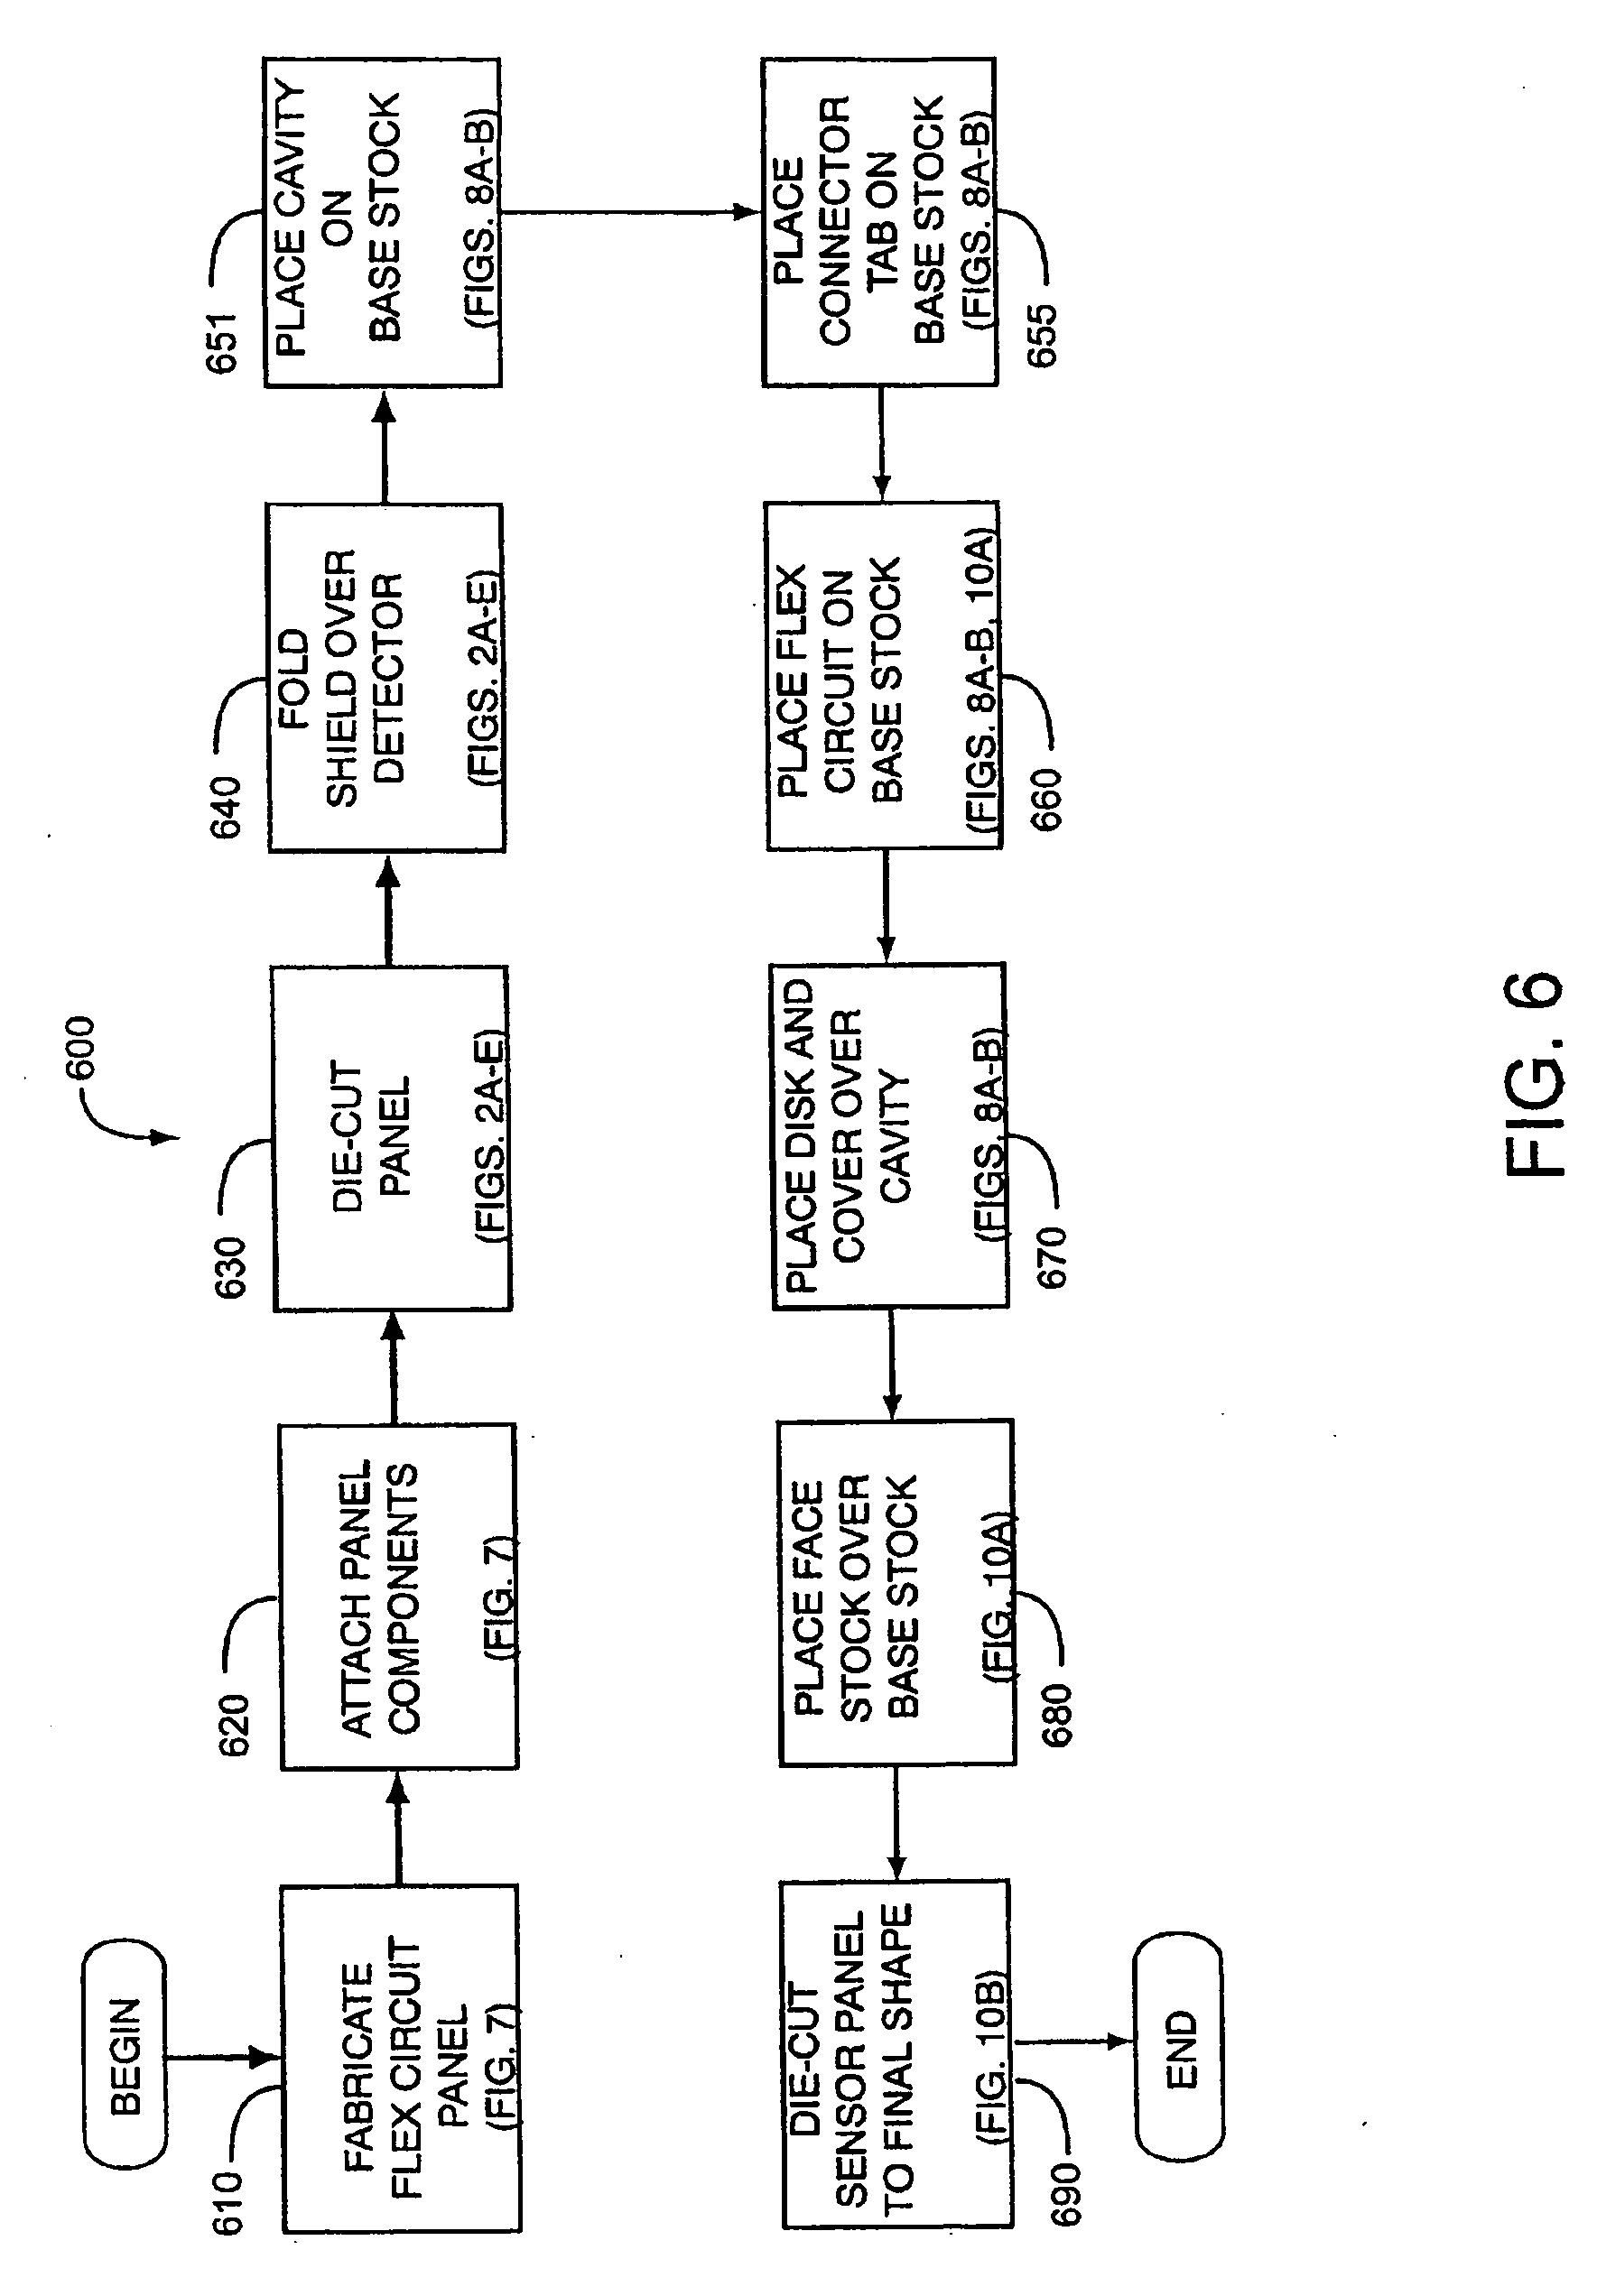 patent us20060084852